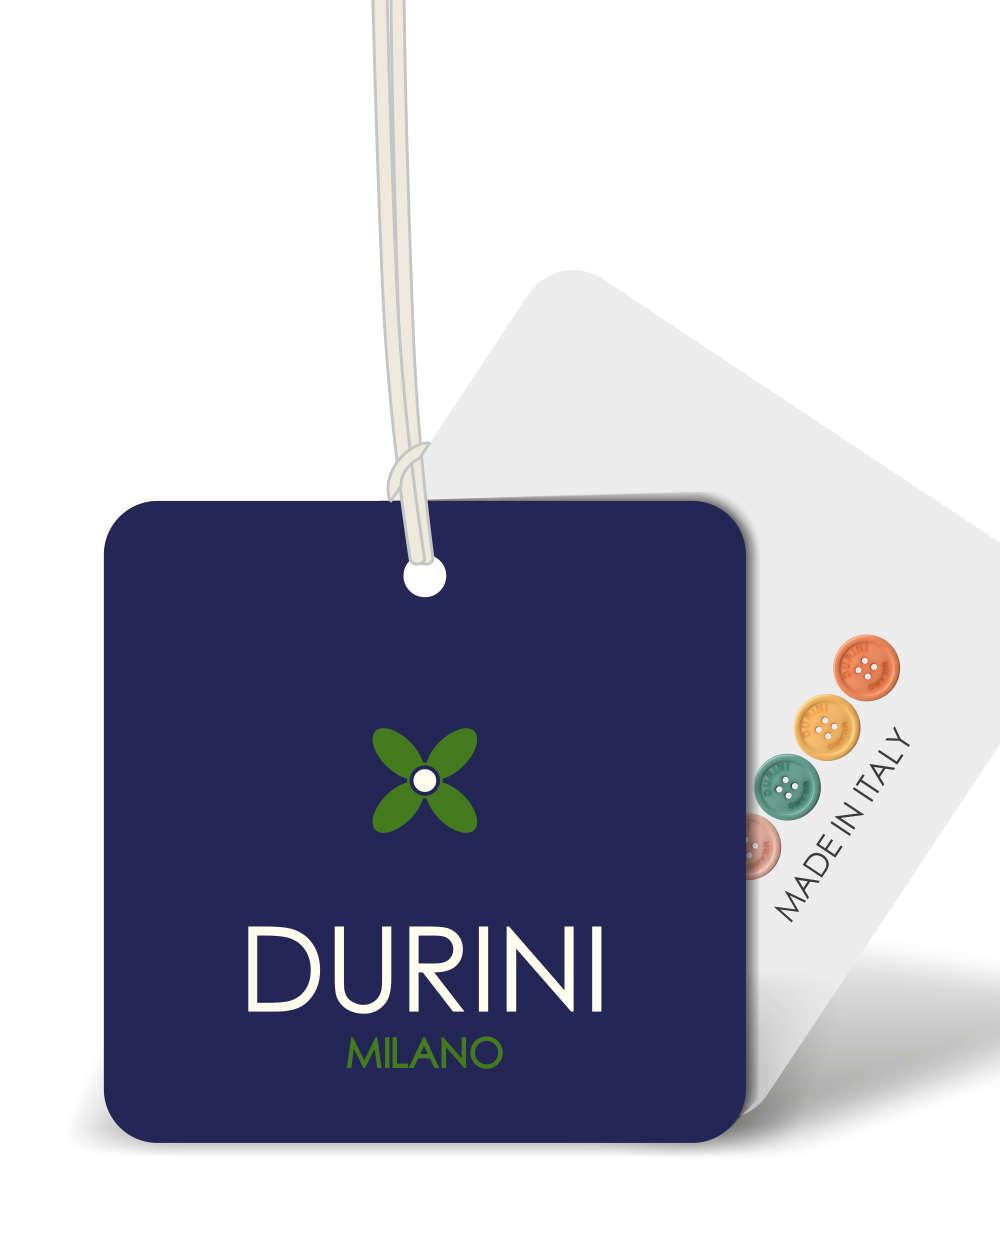 Web Agency Tolentino – Studio Grafica Catellino Durini Milano